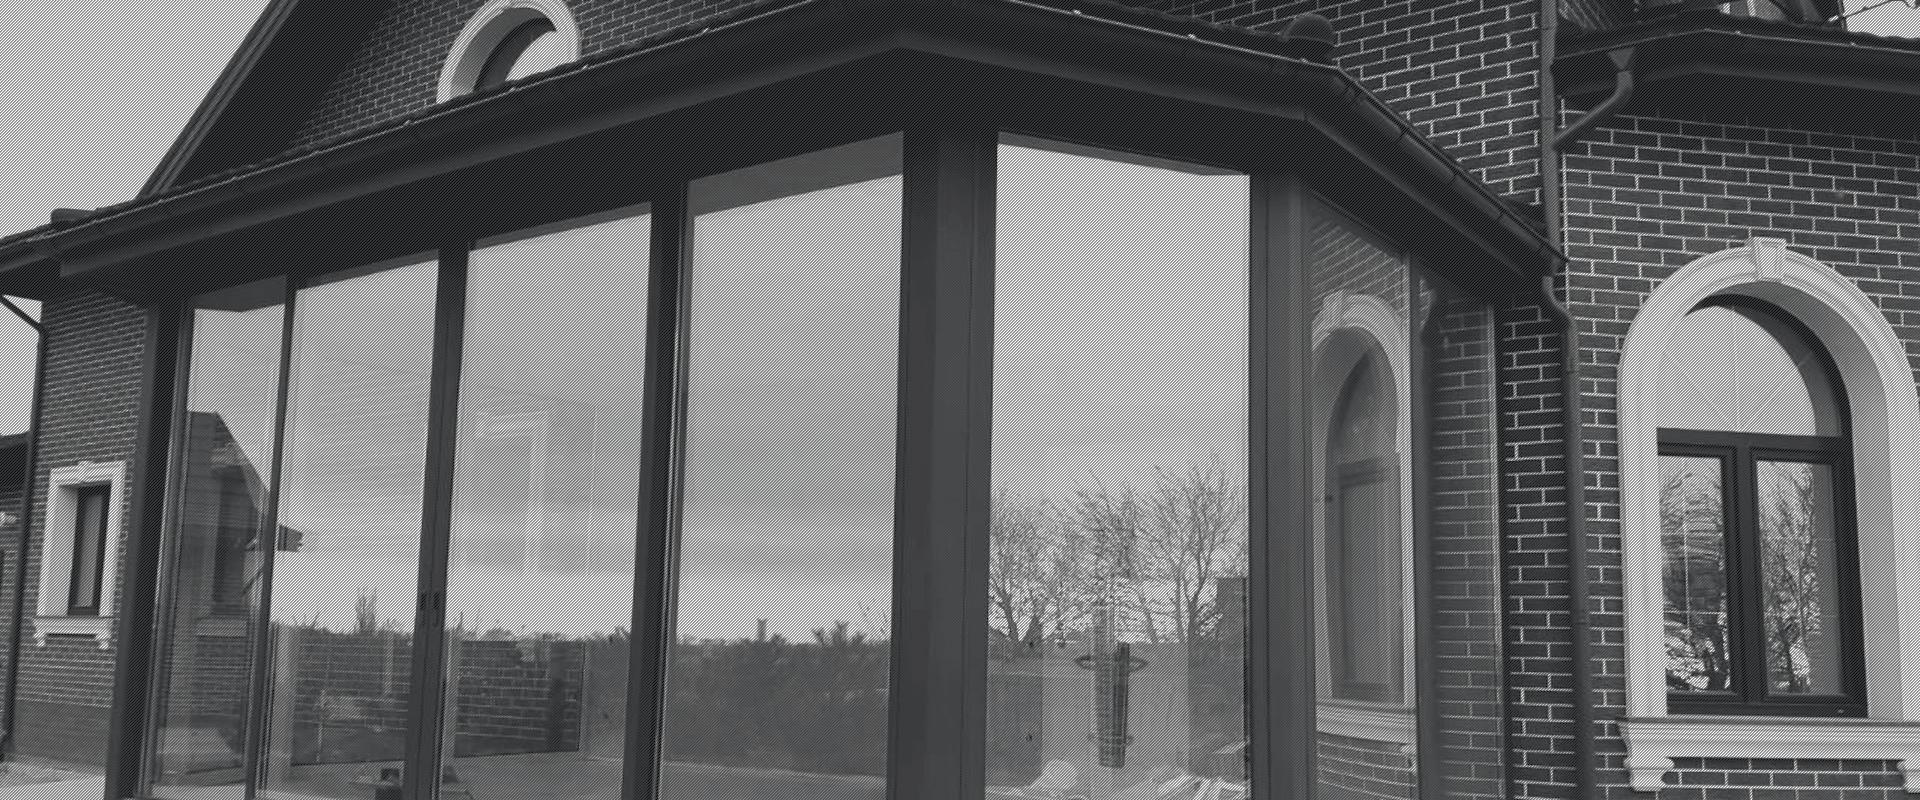 Скління приватного будинку | Запорізька обл., 2017